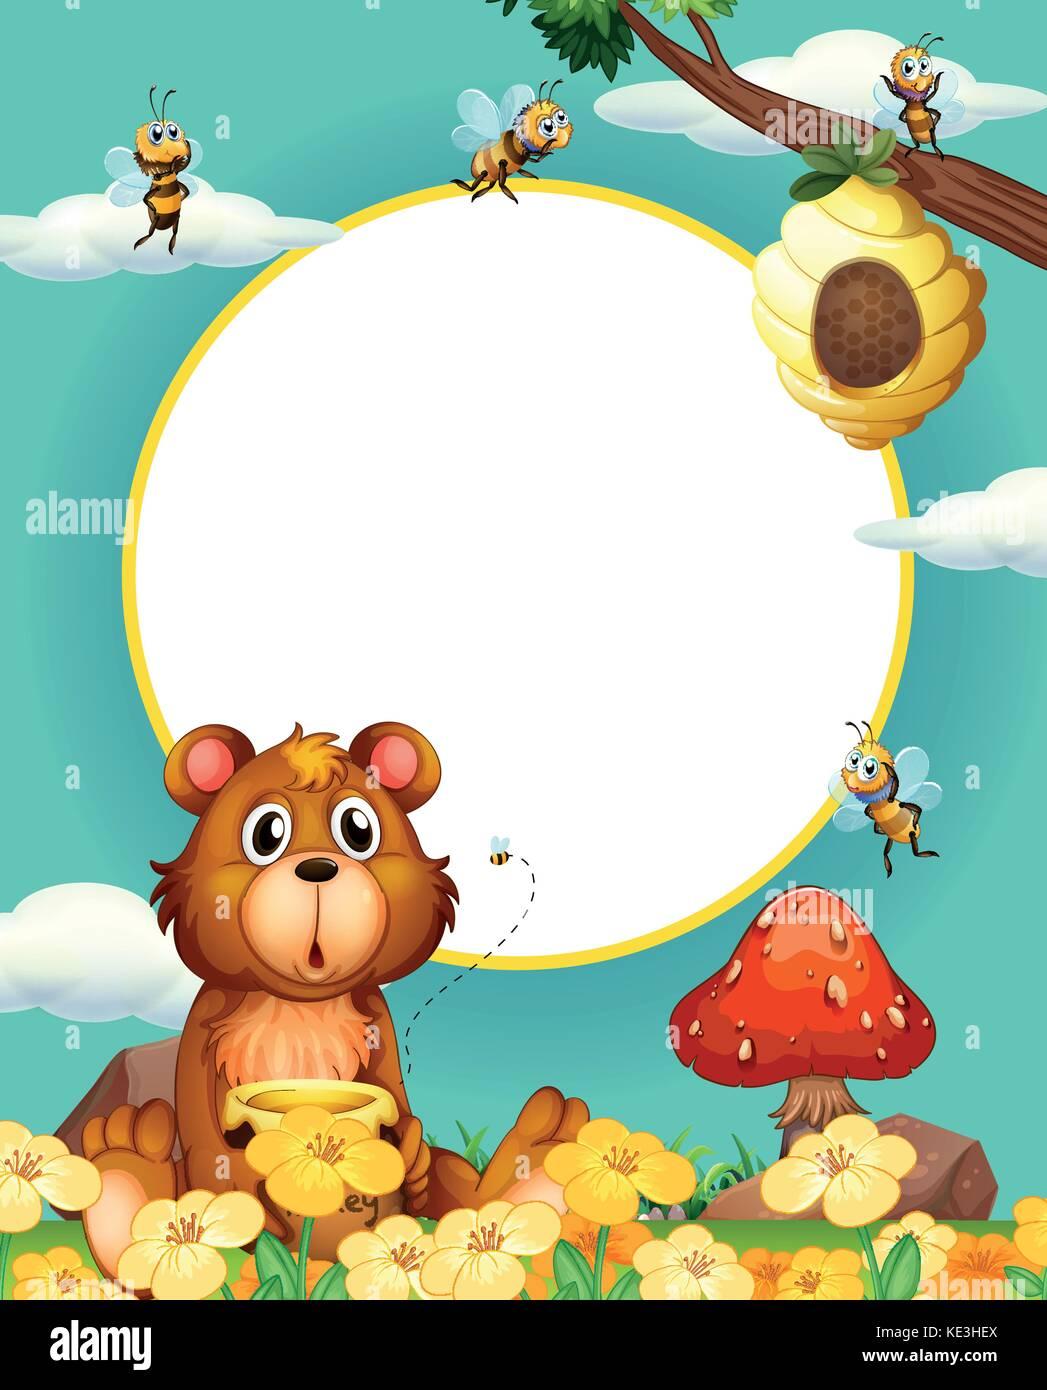 Honey Illustration Stockfotos & Honey Illustration Bilder - Seite 35 ...